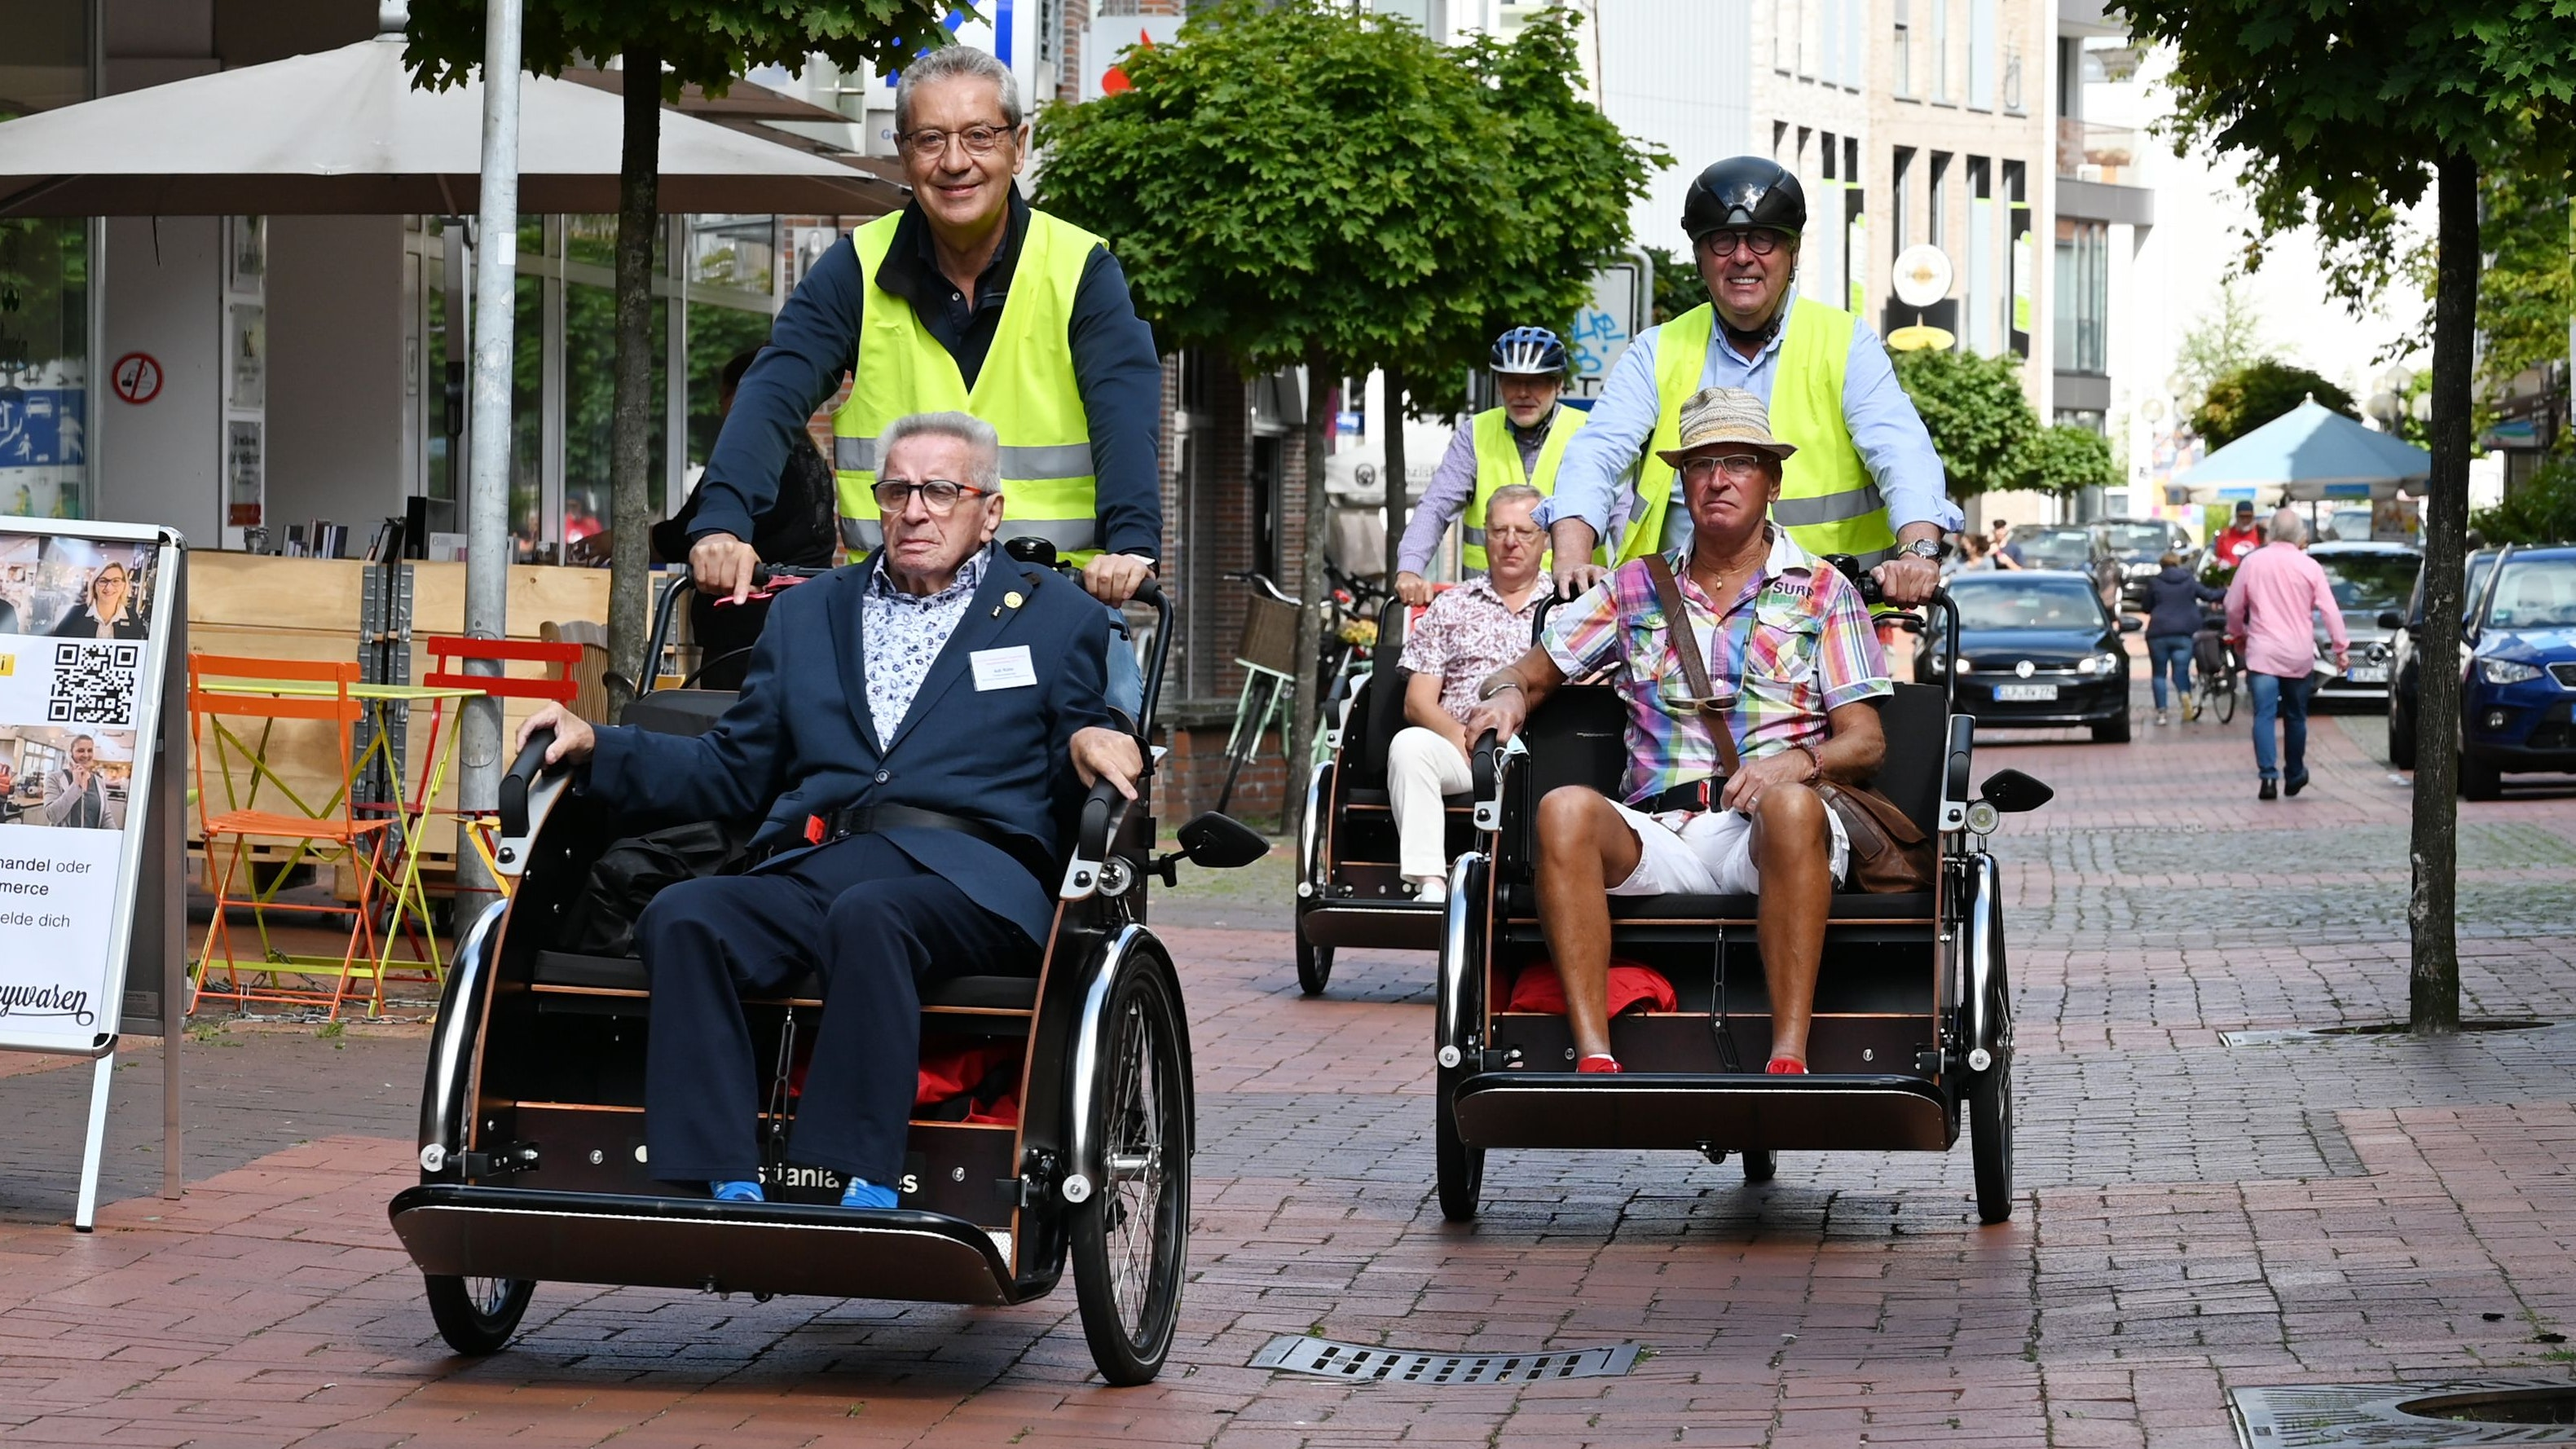 Mit der Rikscha durch Cloppenburg: Adi Röhr (vorne, links) hat am Dienstag seinen 80. Geburtstag gefeiert. Foto: Hermes